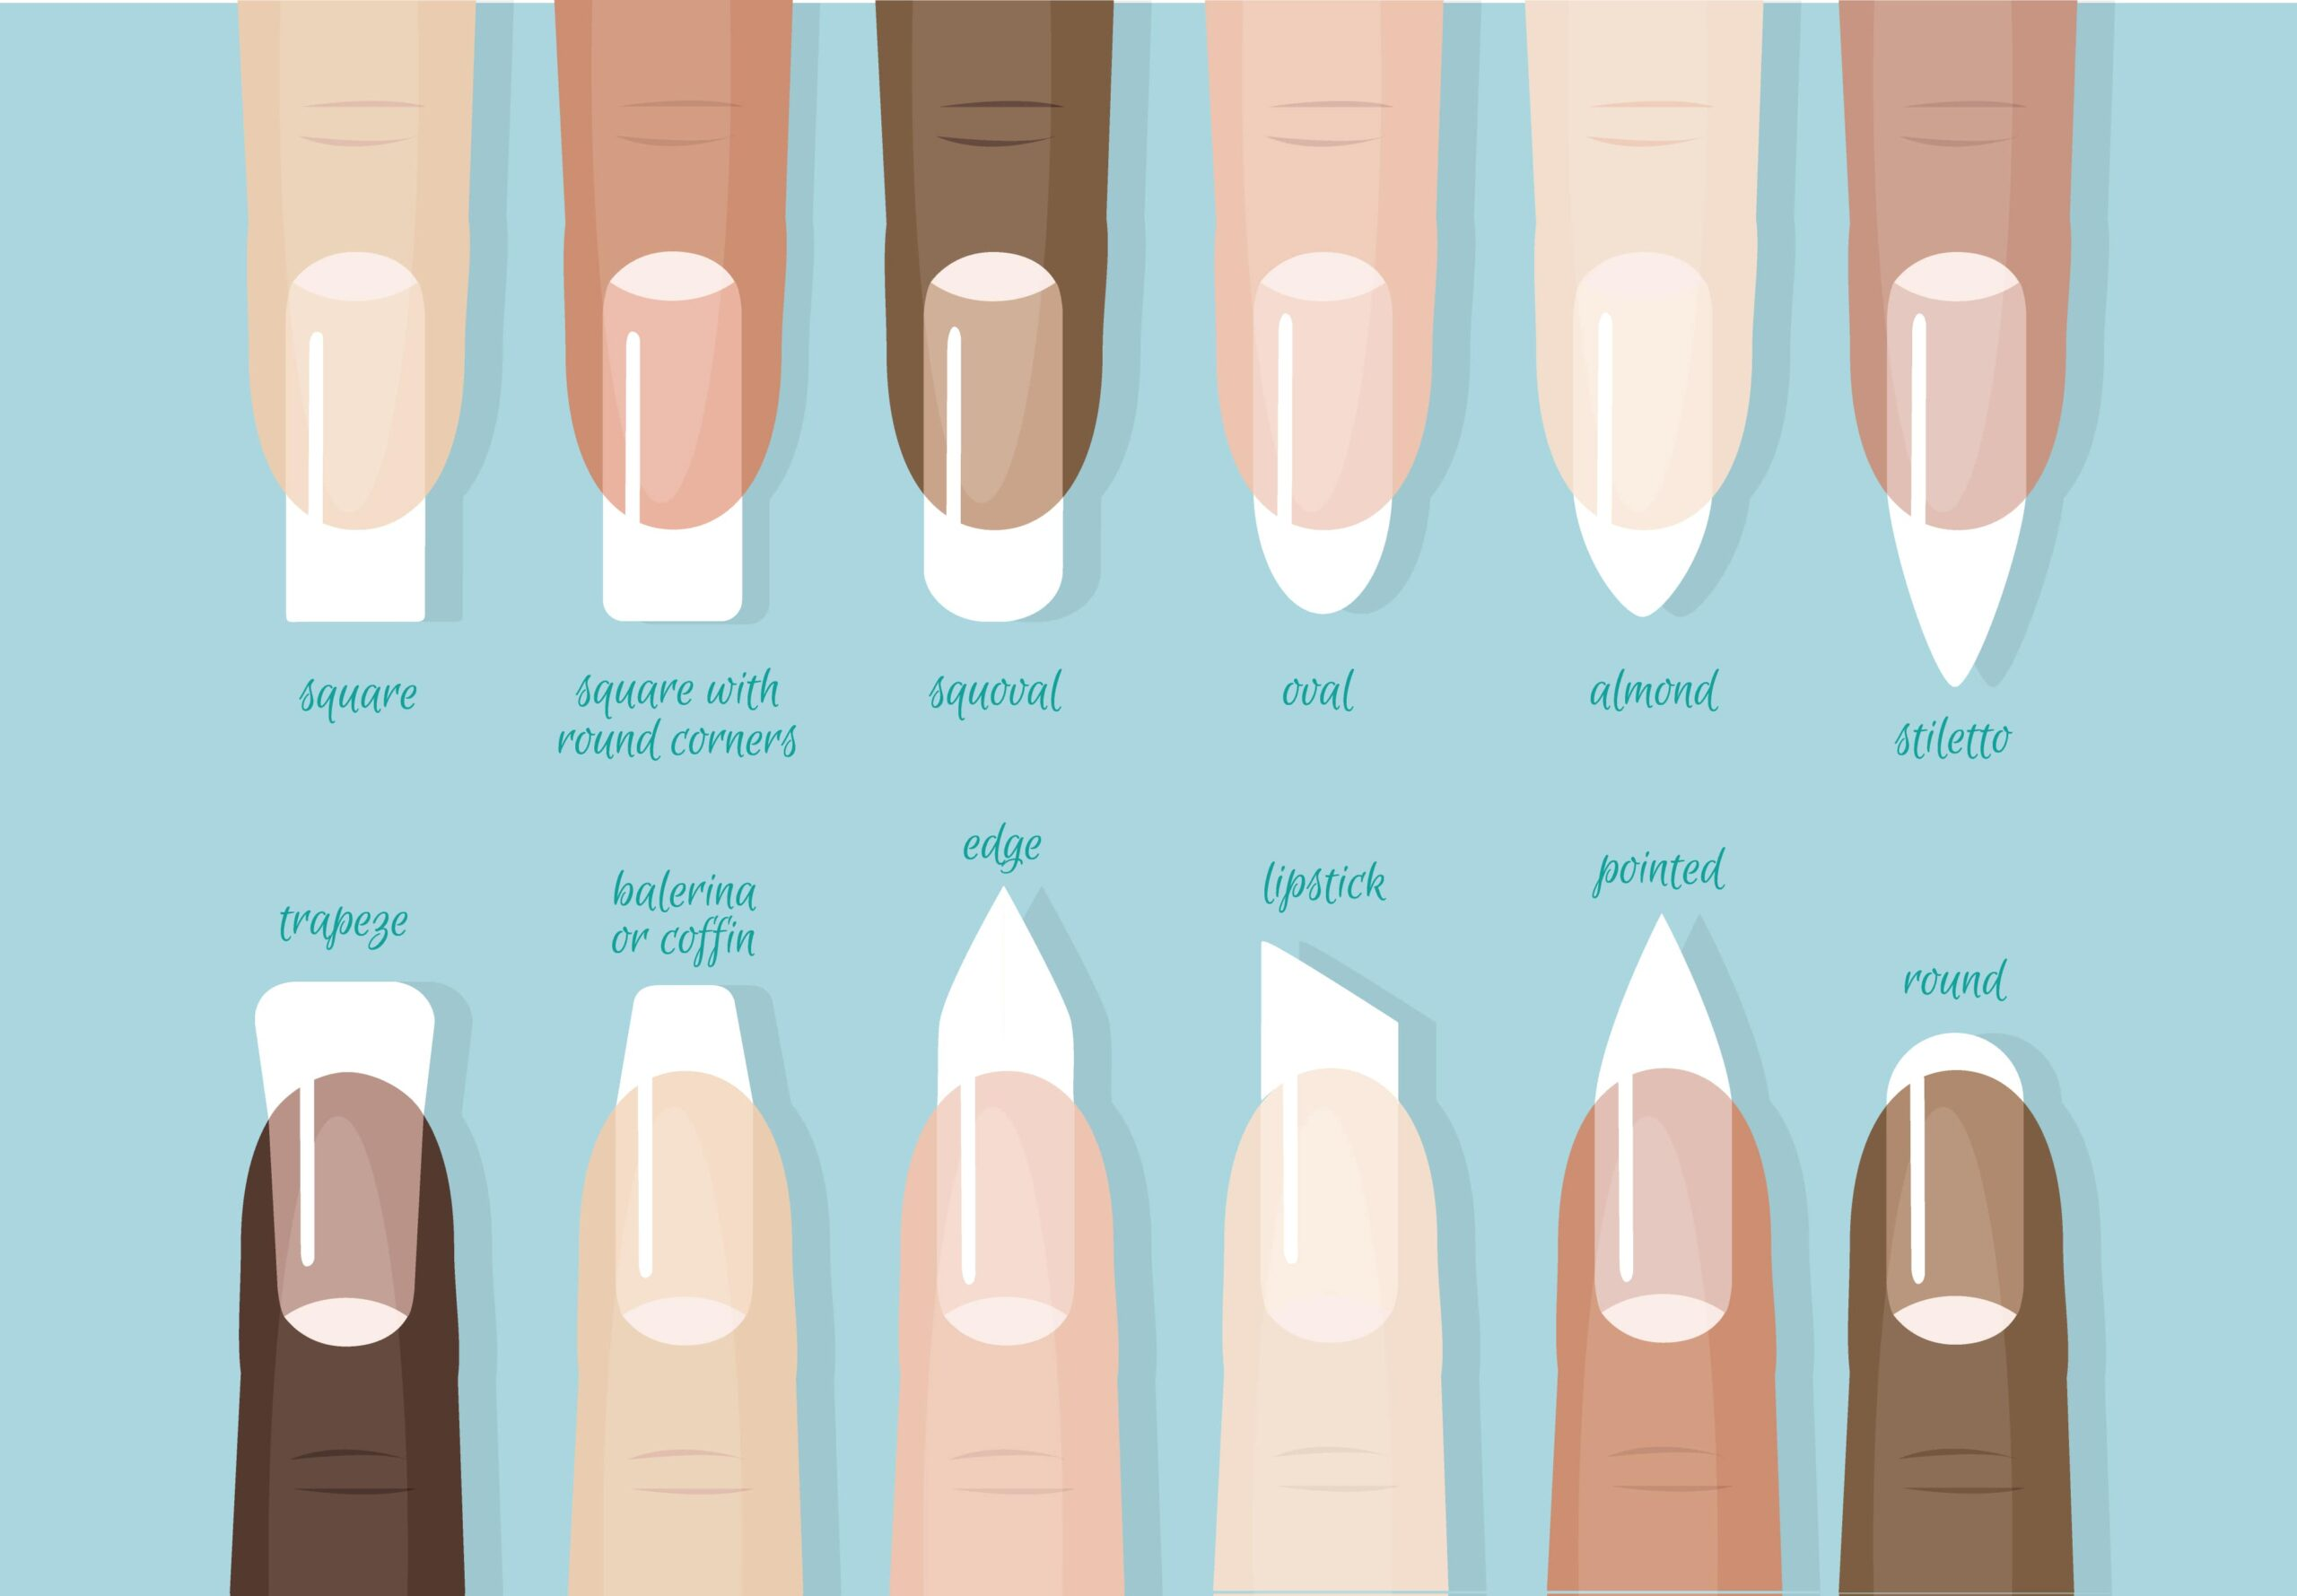 nagel-vormen